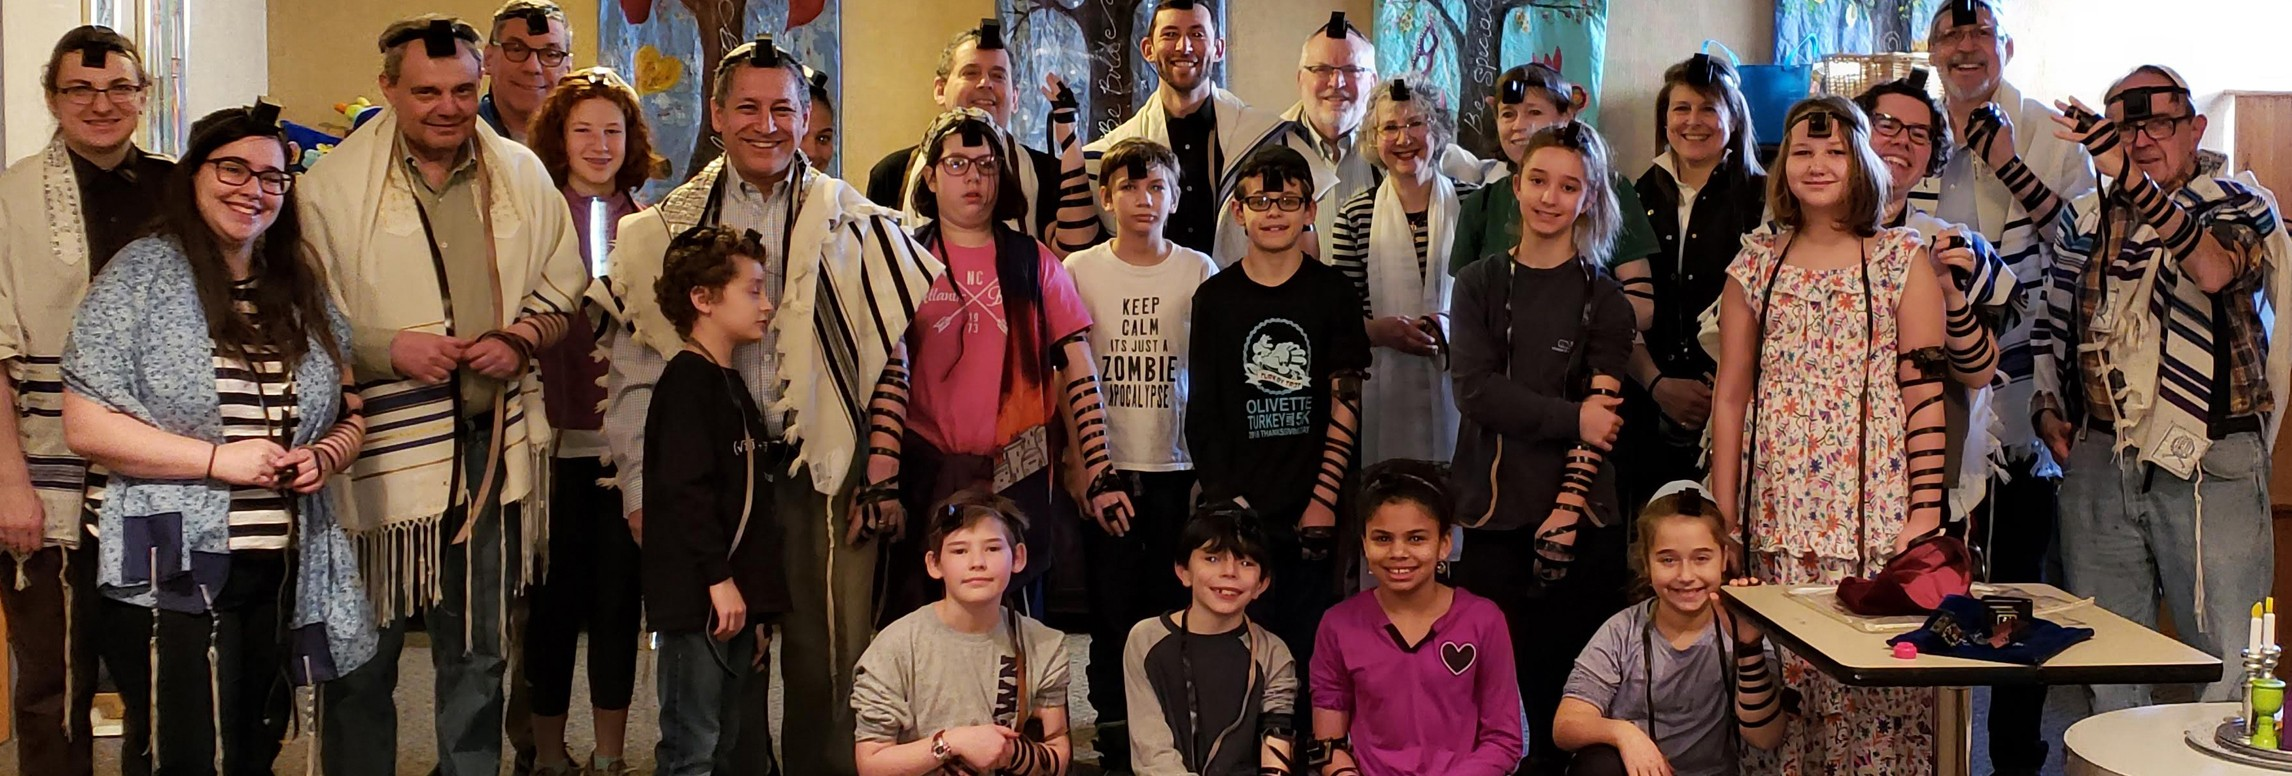 """<span class=""""slider_title"""">                                     Embracing Torah                                </span>"""